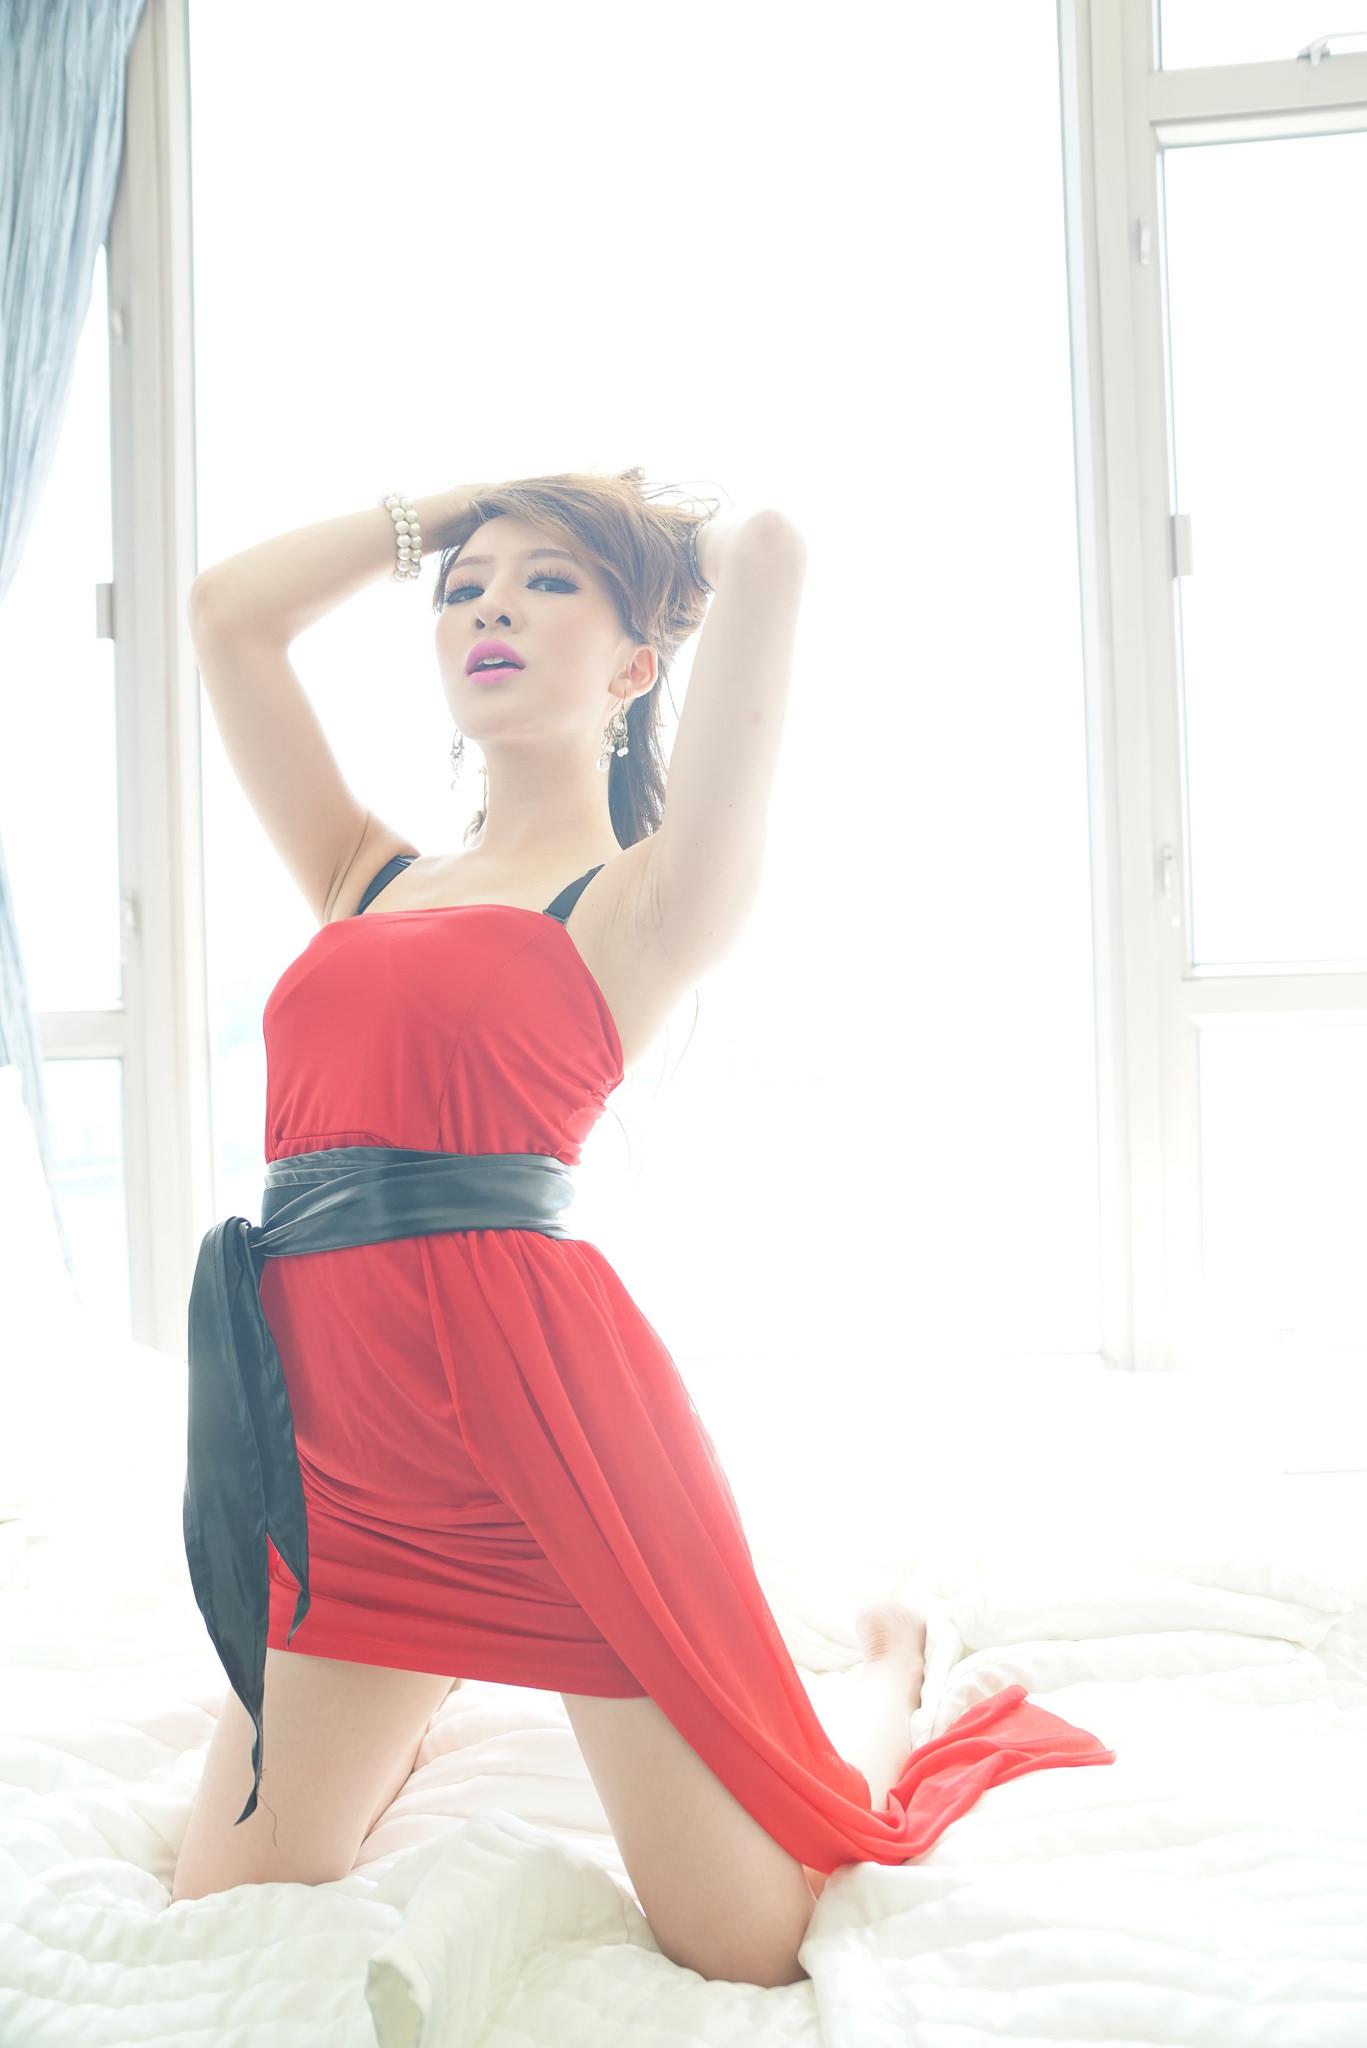 欧美性爱100p_靓丽熟女—马健欣1[100P] / 直播妹妹博客